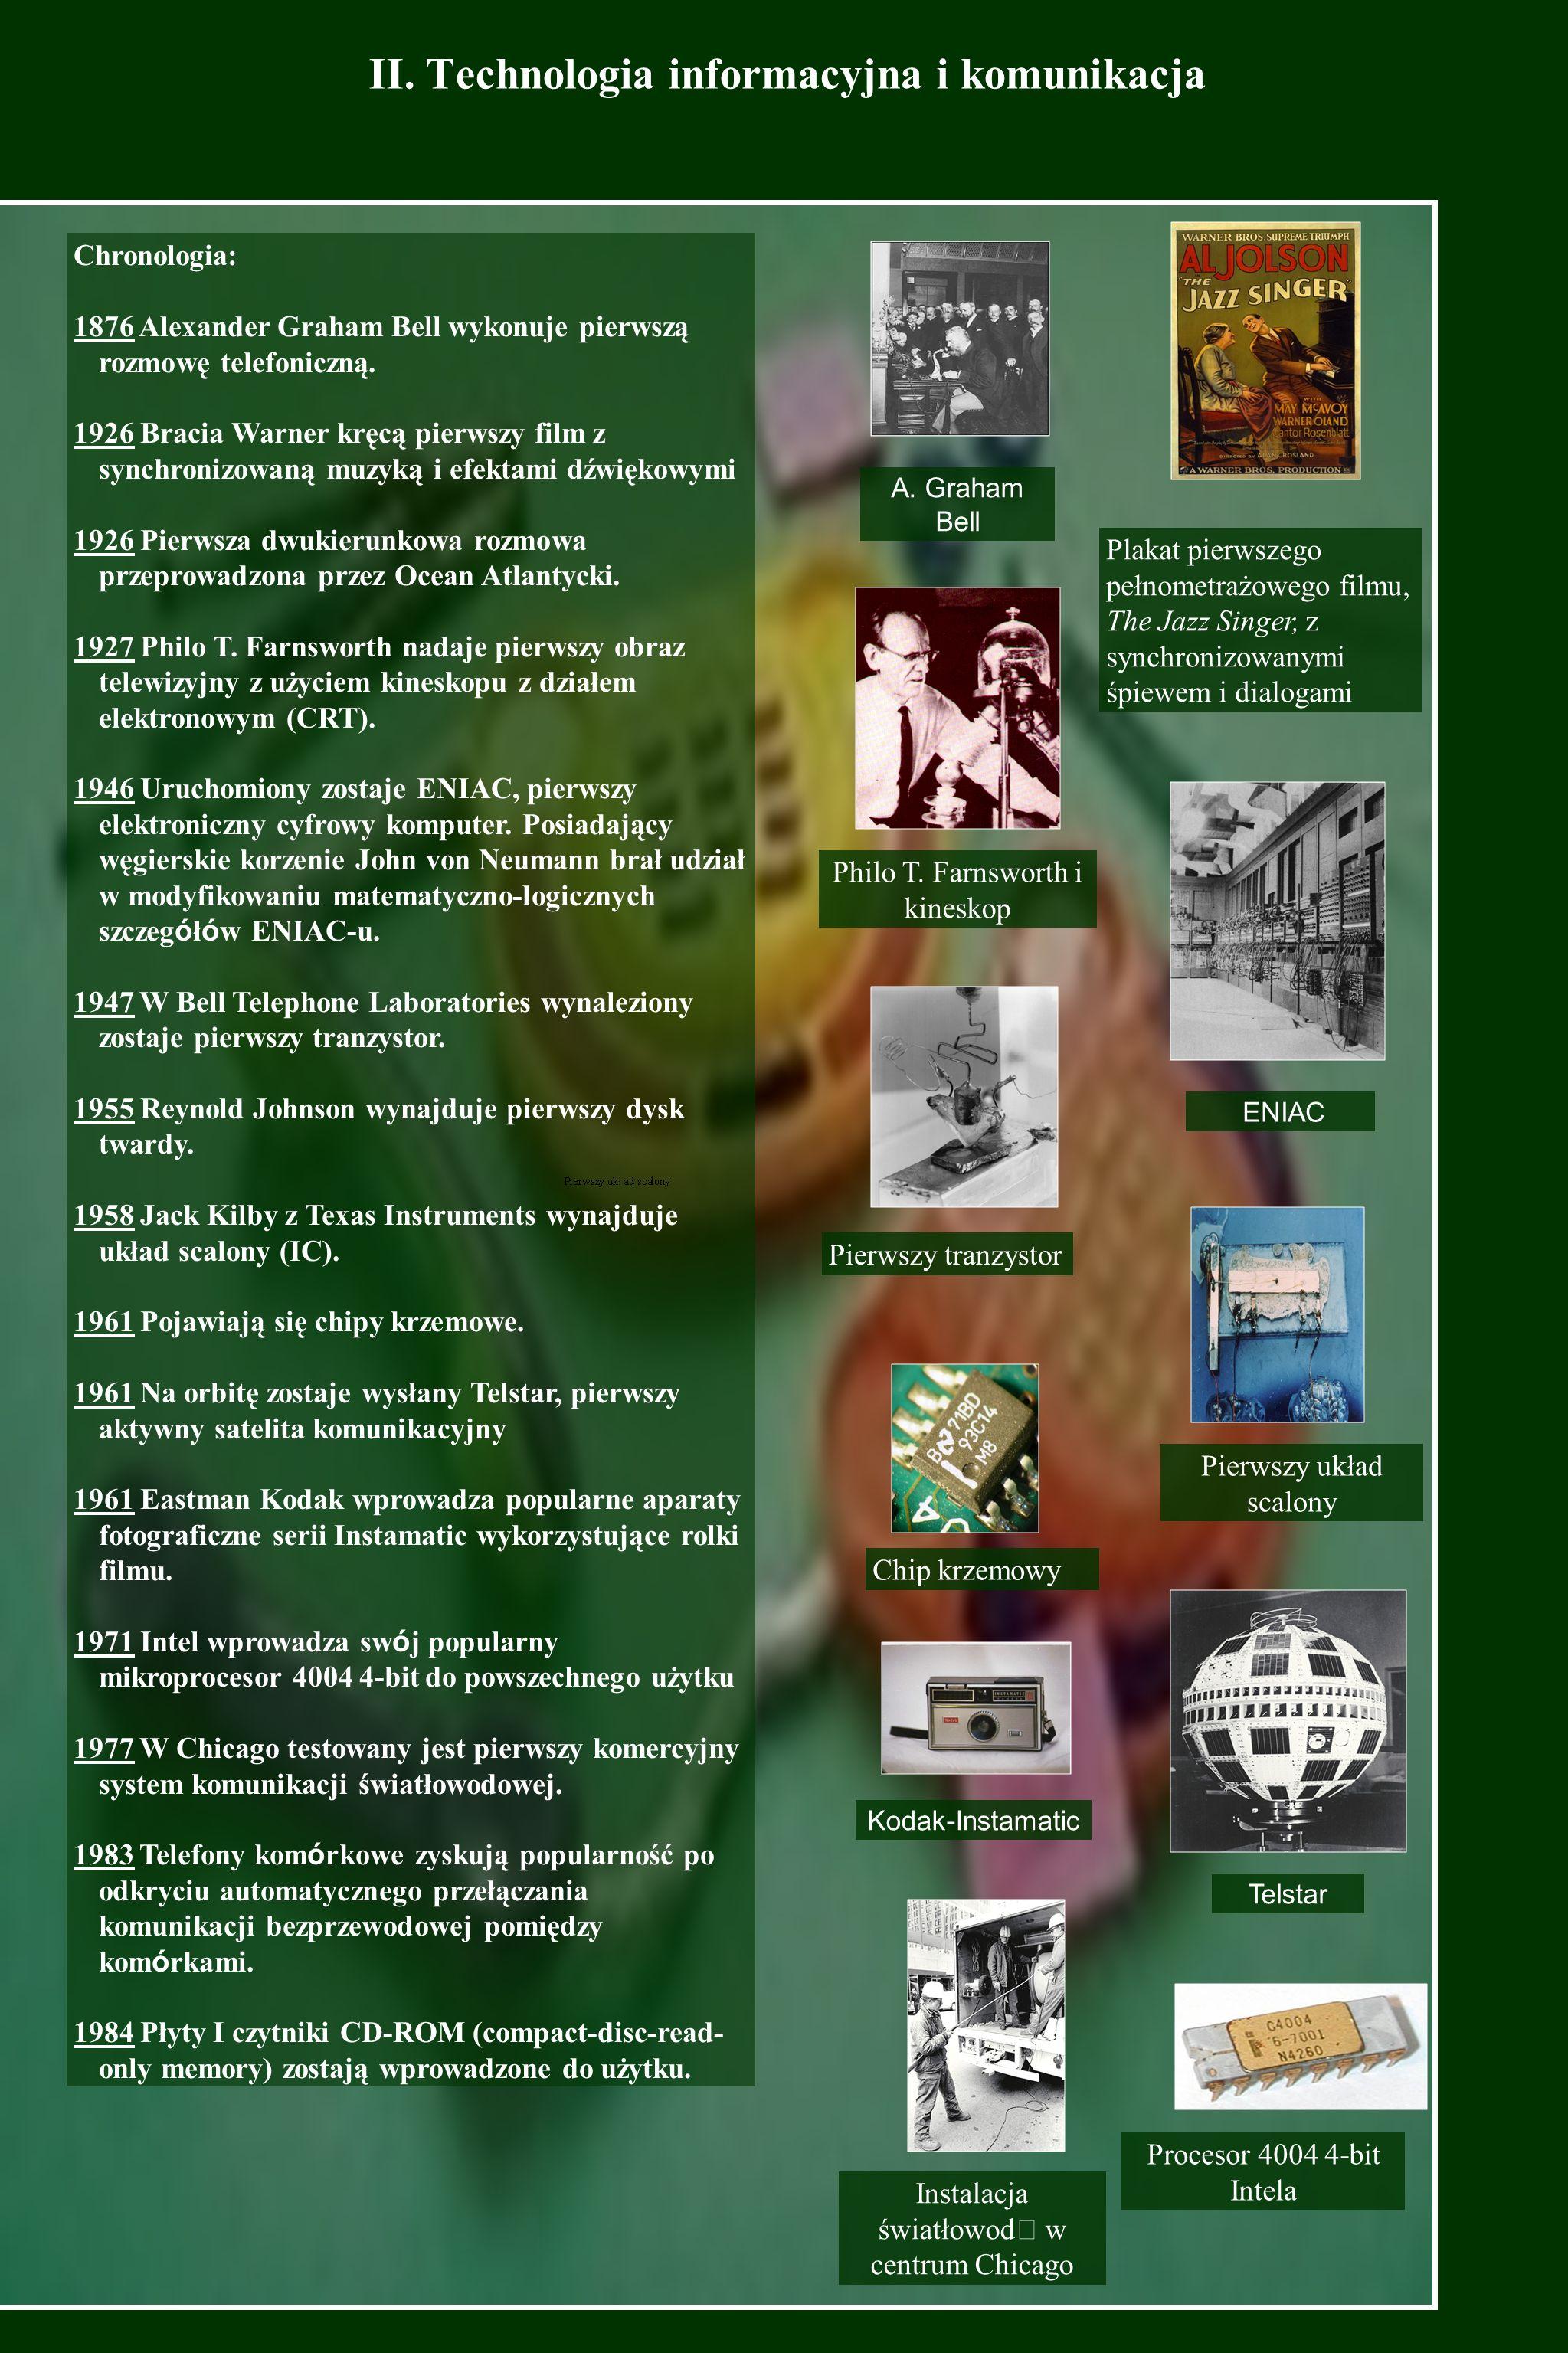 II. Technologia informacyjna i komunikacja A. Graham Bell Plakat pierwszego pełnometrażowego filmu, The Jazz Singer, z synchronizowanymi śpiewem i dia